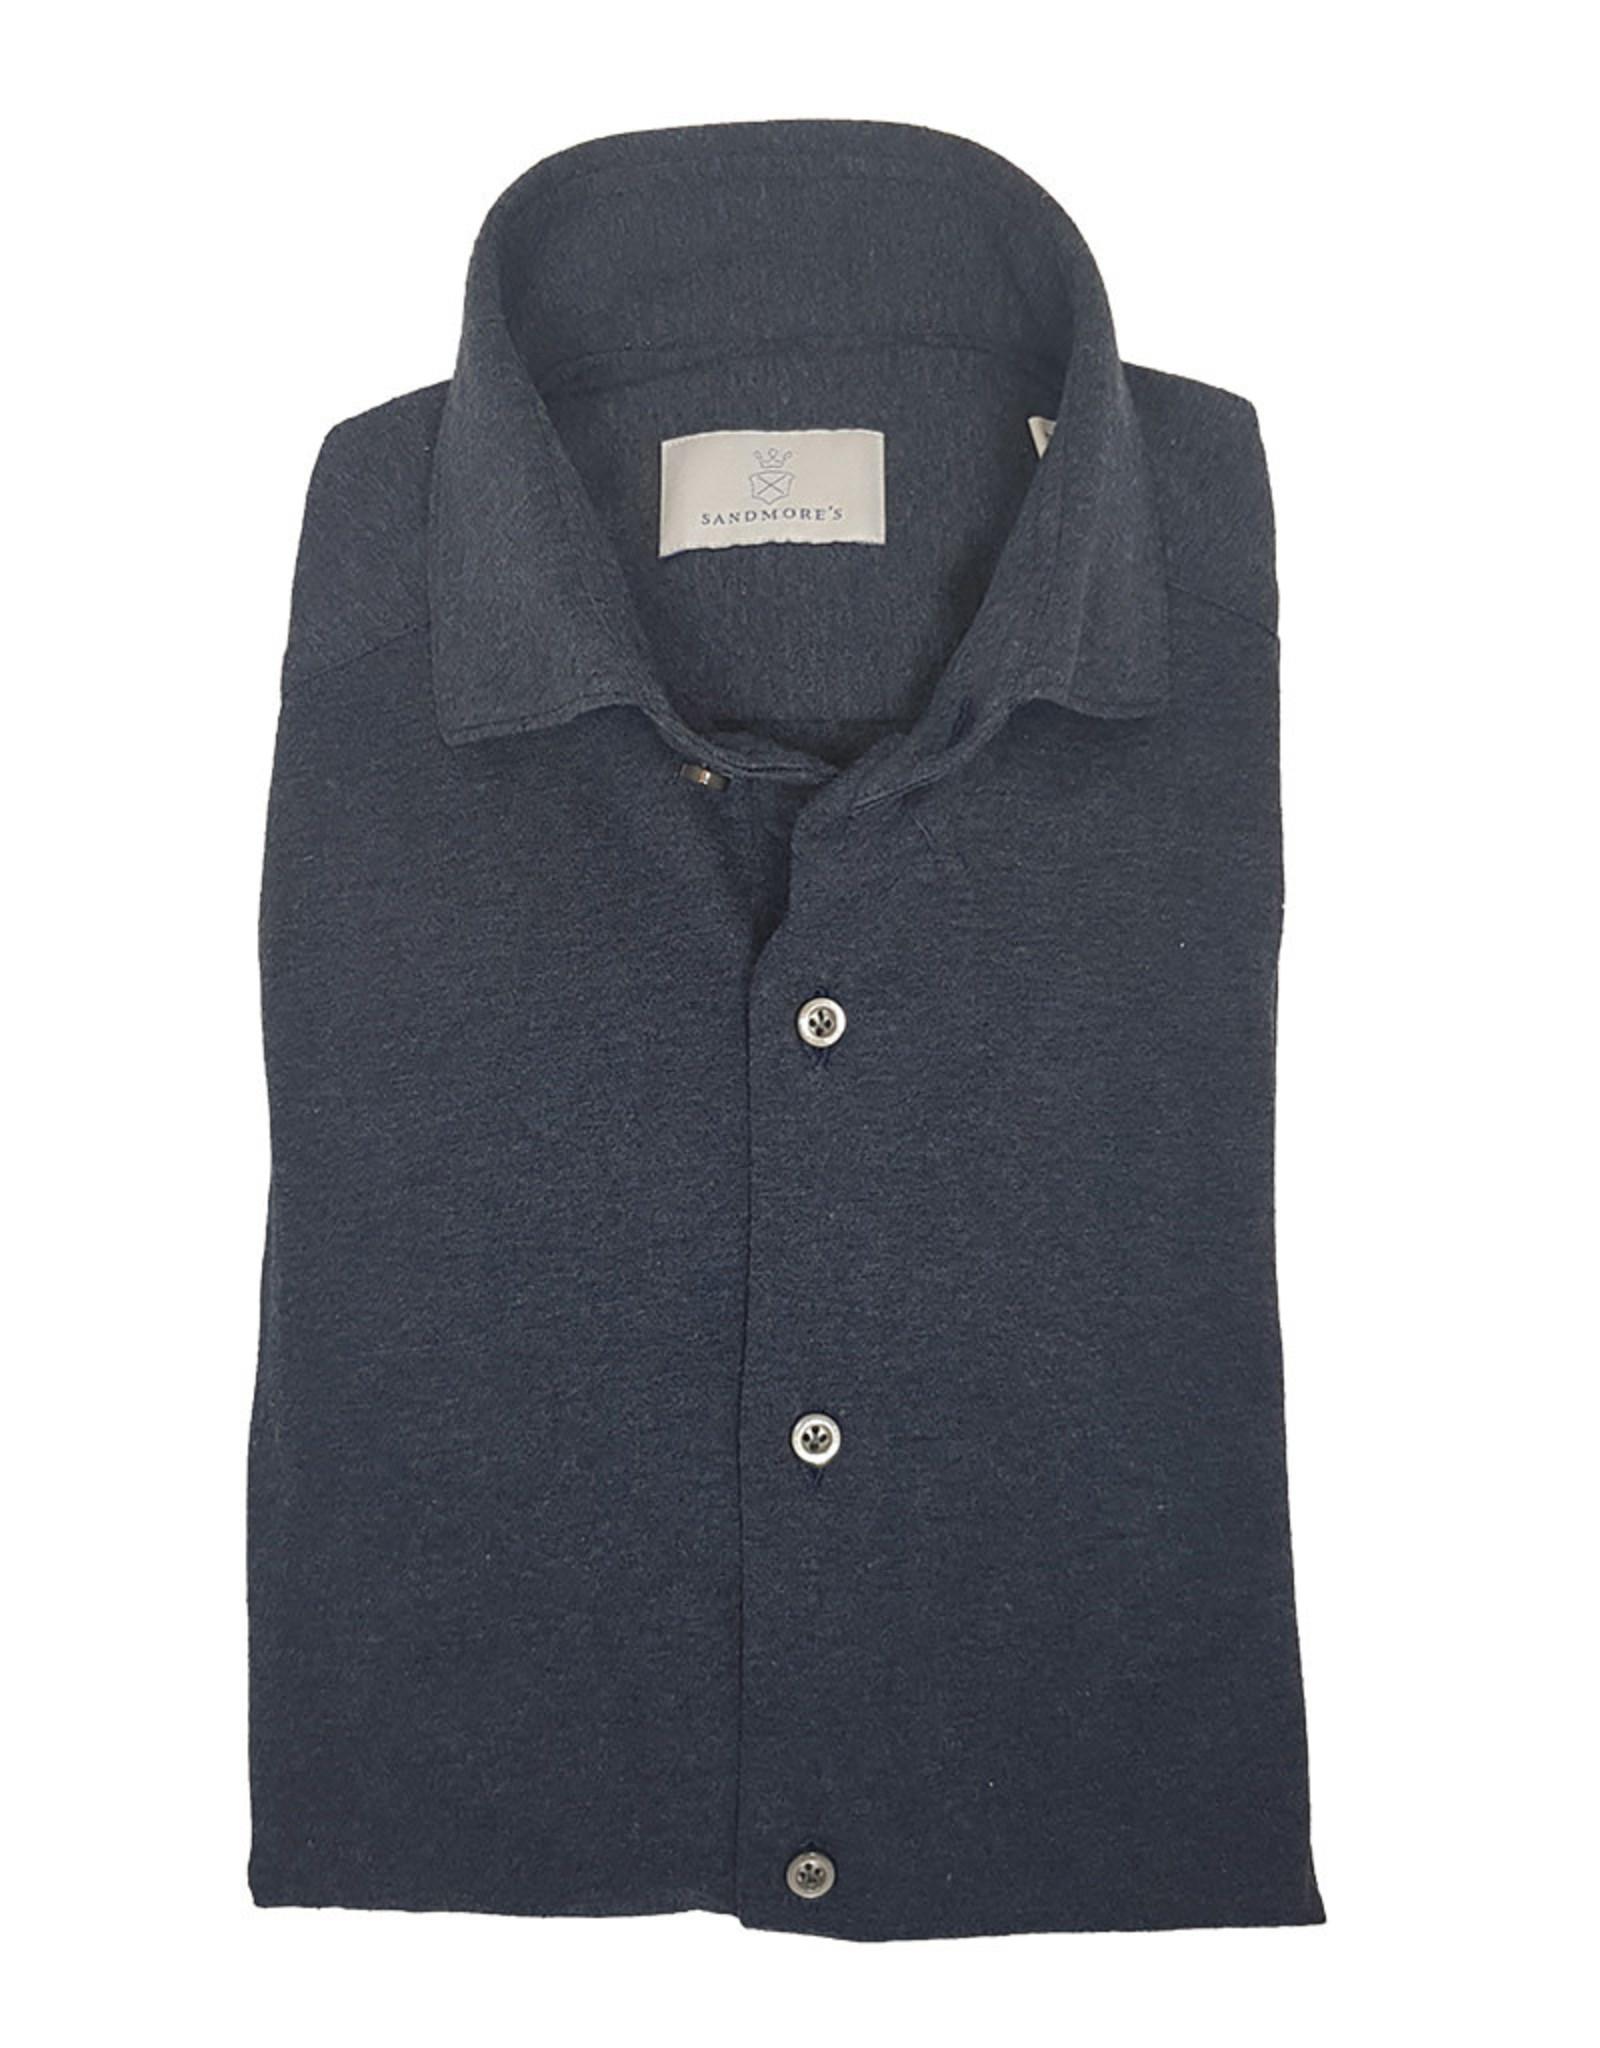 Ghirardelli Sandmore's hemd jersey donkerblauw Semi-slim  J553